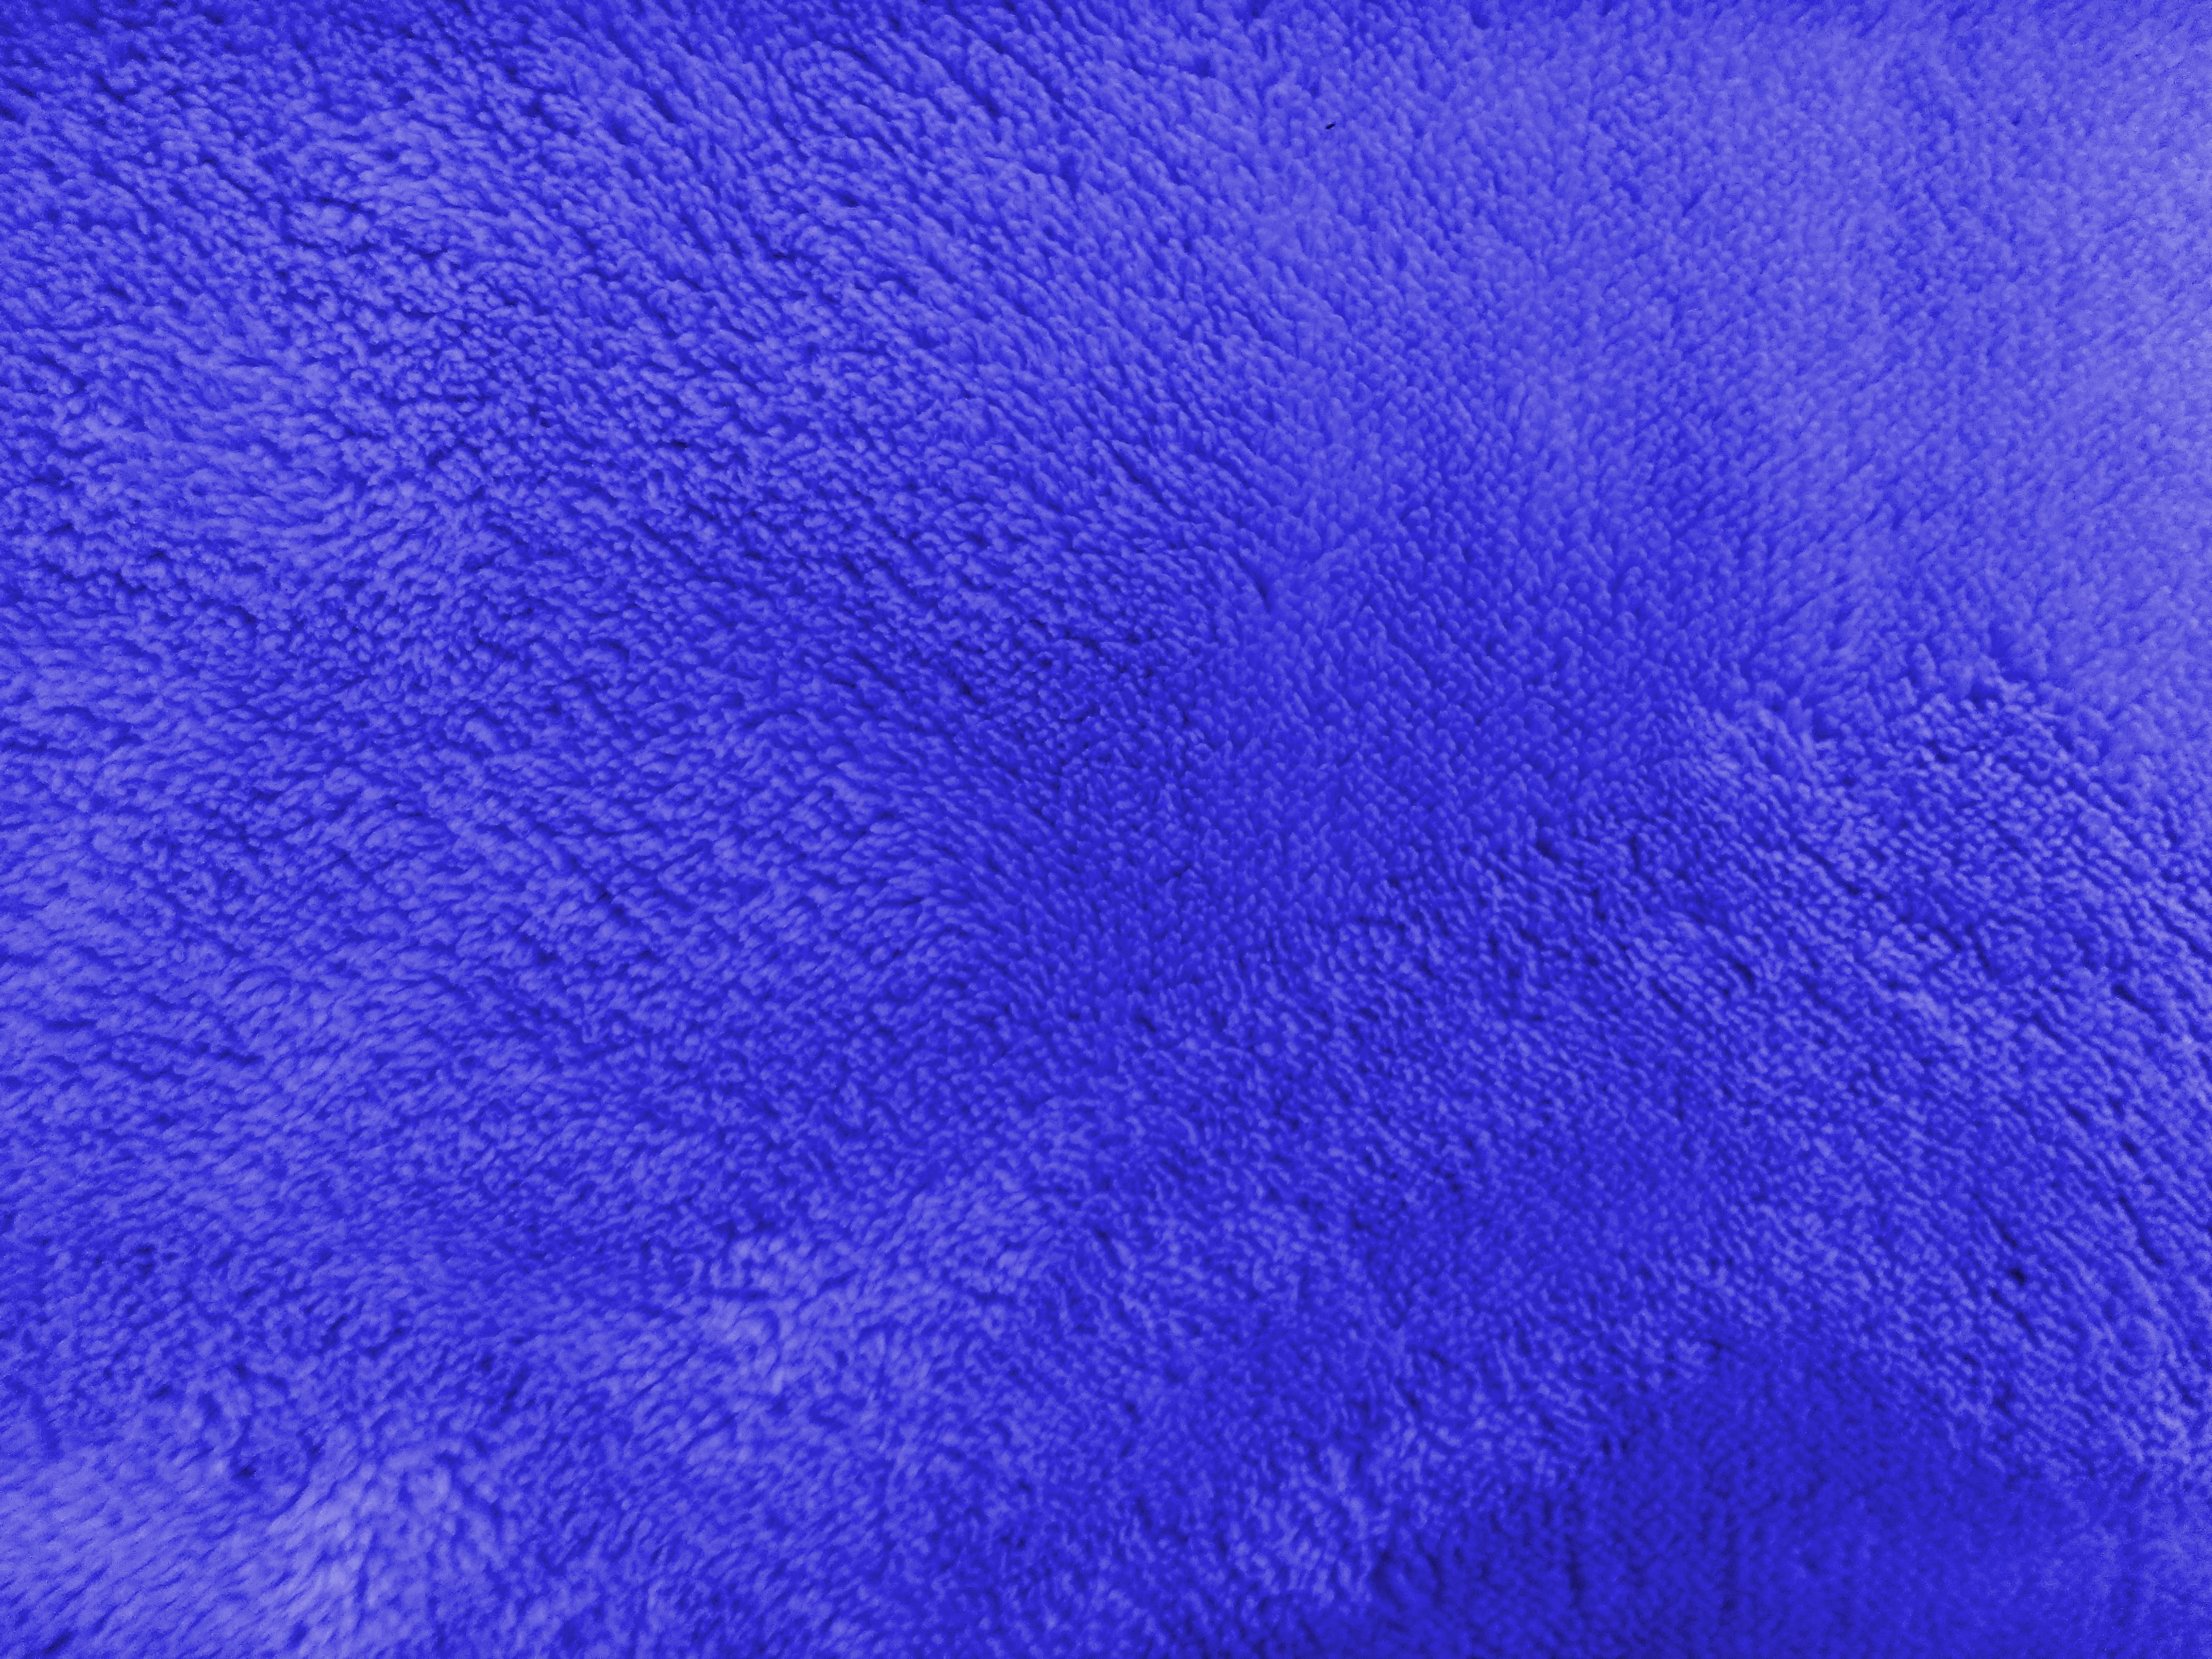 Plush Blue Bathmat Texture Picture Free Photograph